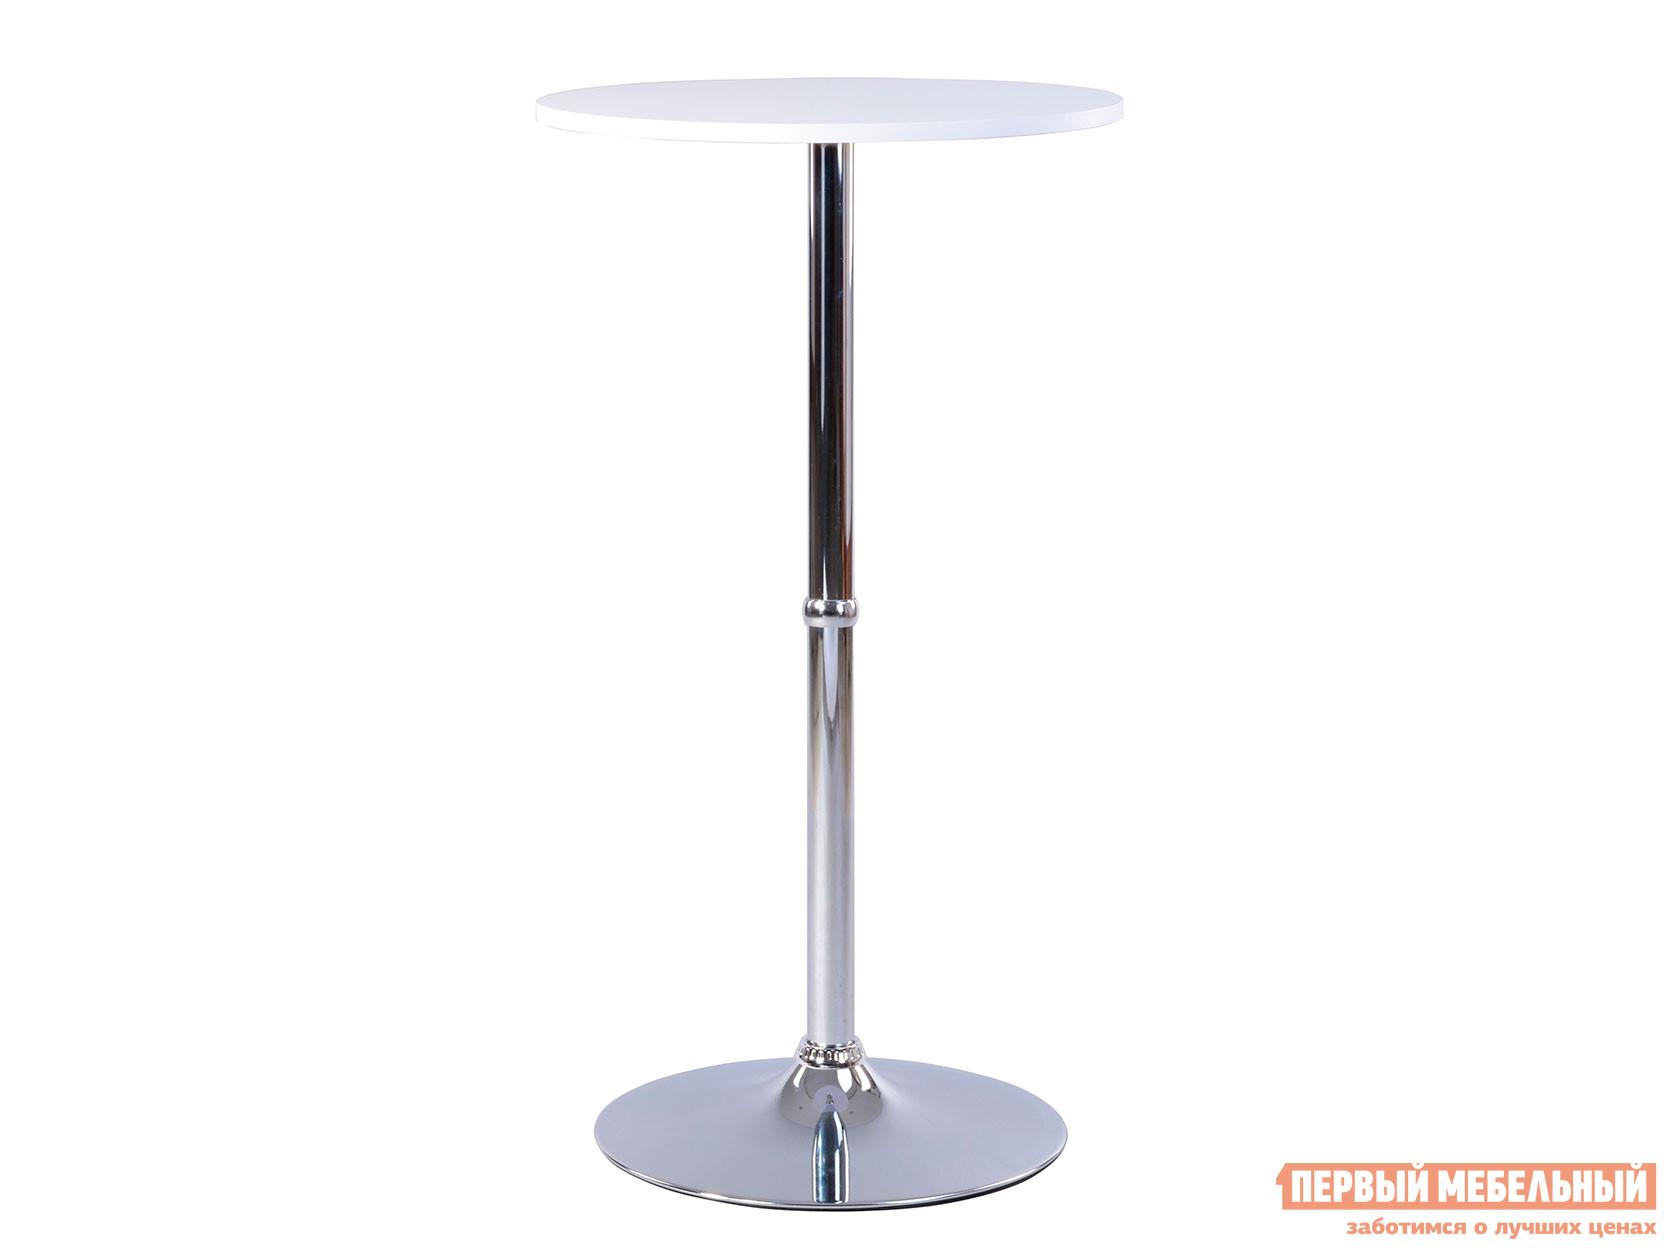 Барный стол Stool Group ST25003 барный стол stool group малибу